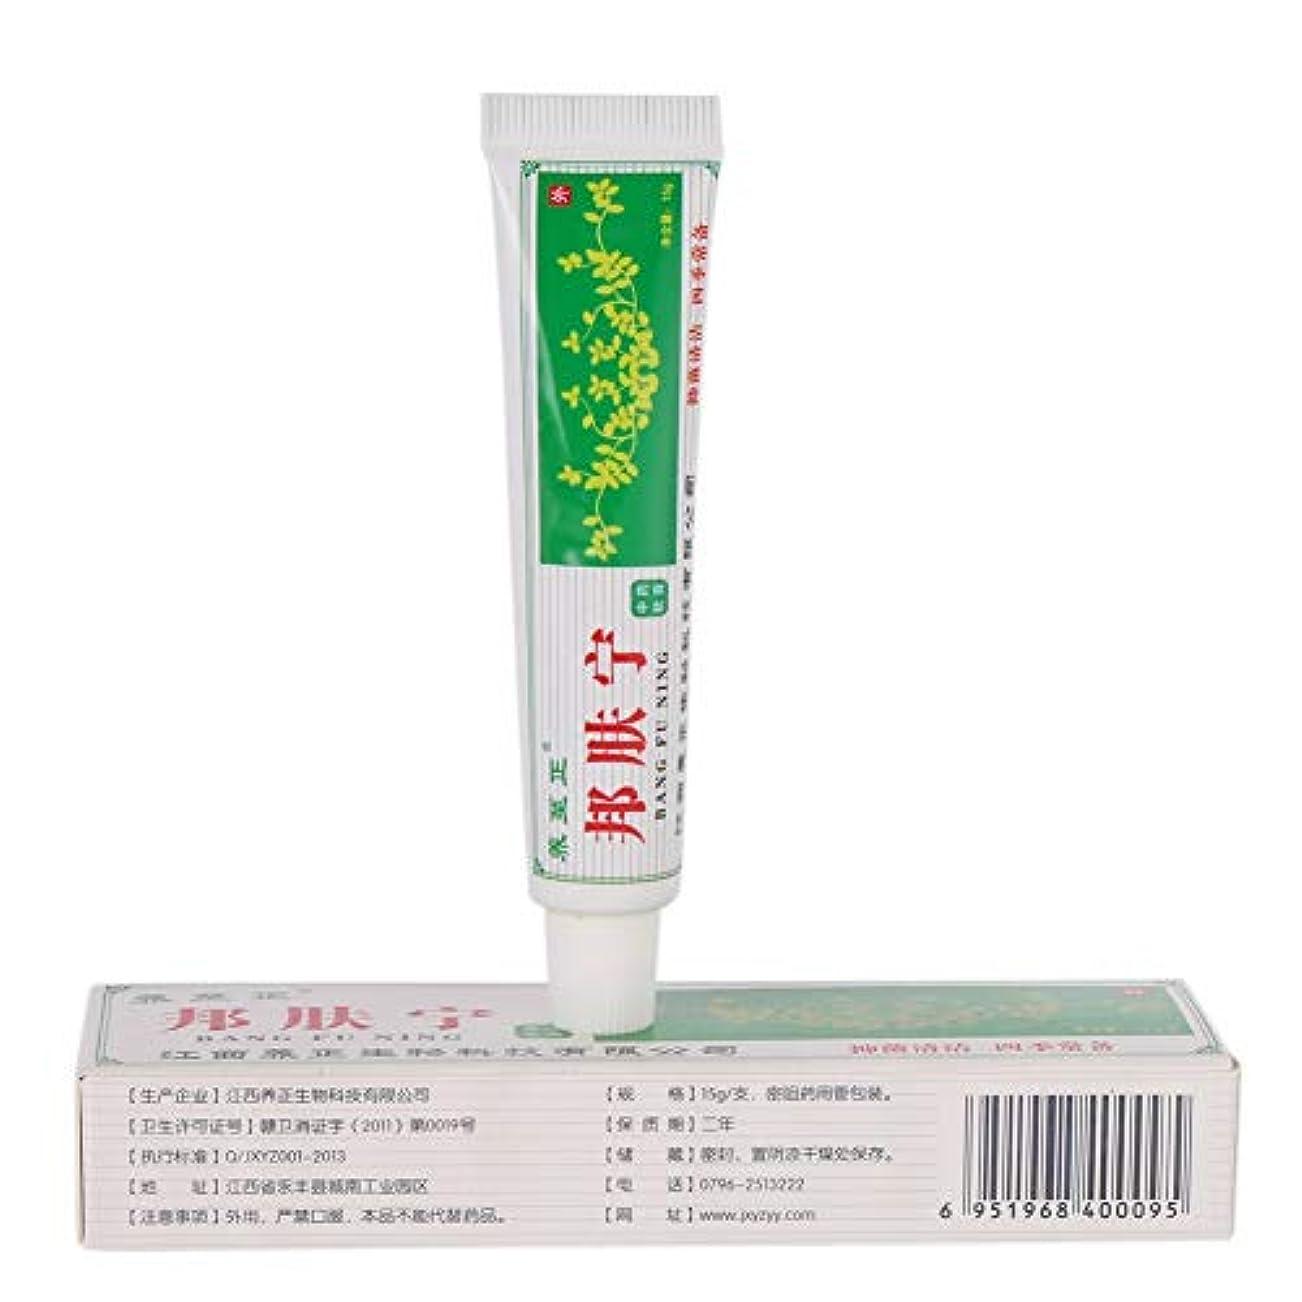 削除する鉄足音Balai 抗菌性皮膚かゆみクリーム 乾癬湿疹軟膏クリーム 皮膚アレルギー 皮膚炎および湿疹ホットクリーム